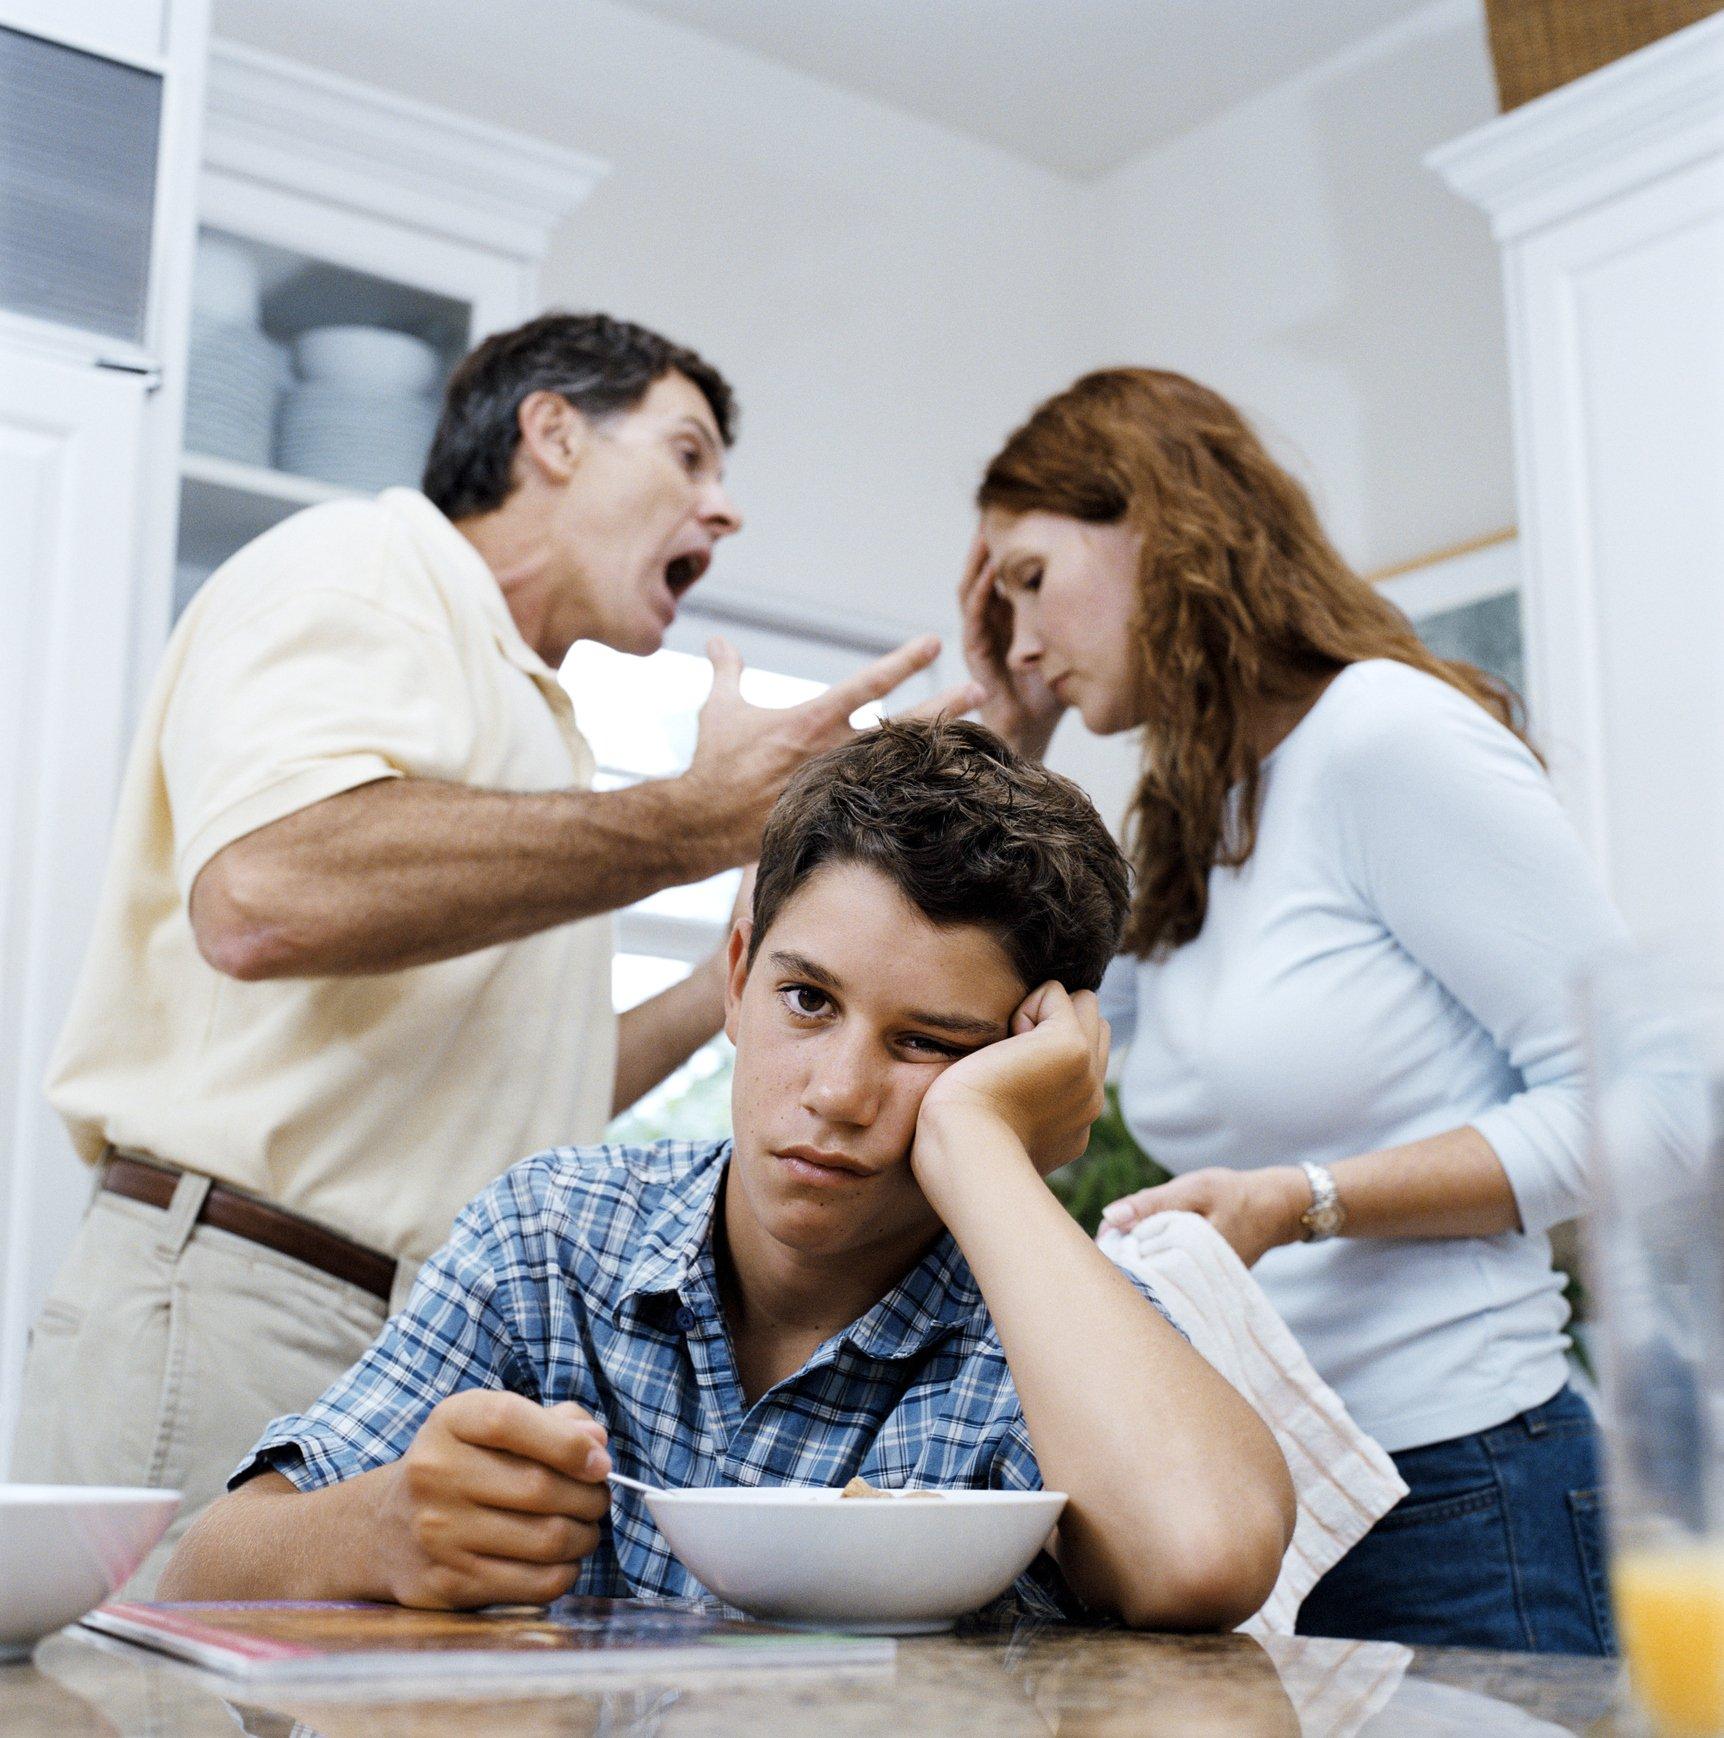 زوجان يتشاجران بينما يشعر طفلهما بالاستياء من ذلك